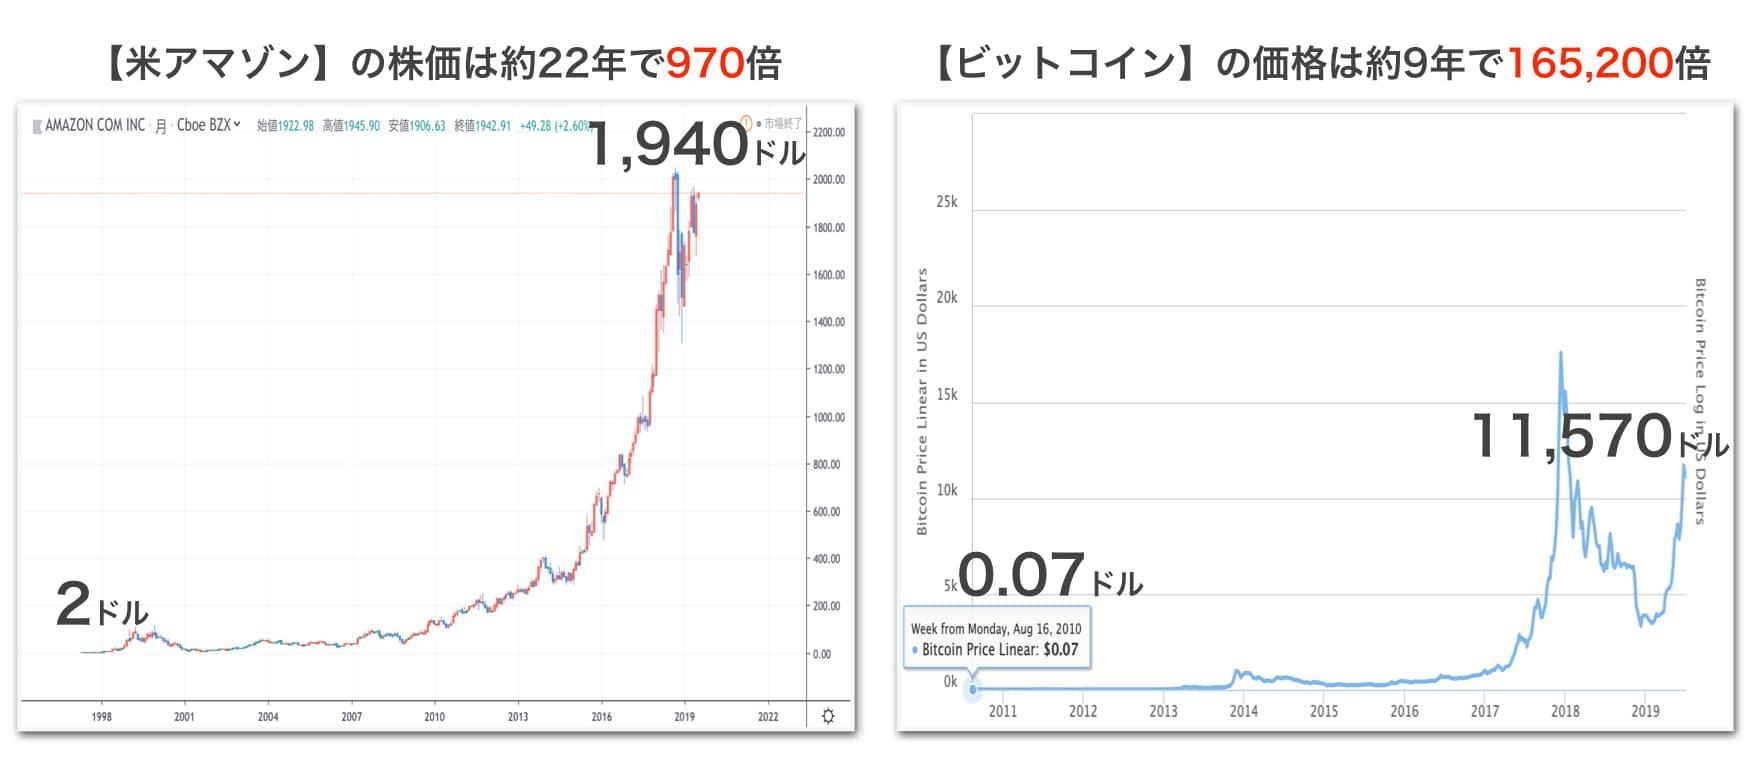 アマゾンとビットコインの比較